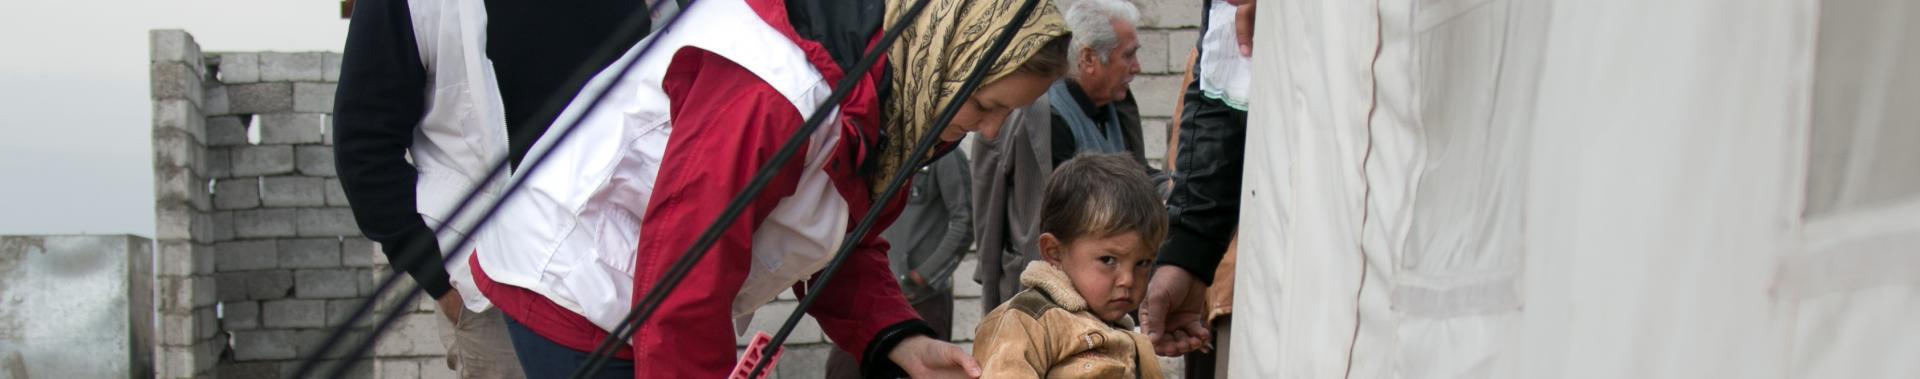 Iraque: cuidando de pessoas deslocadas de Hawija